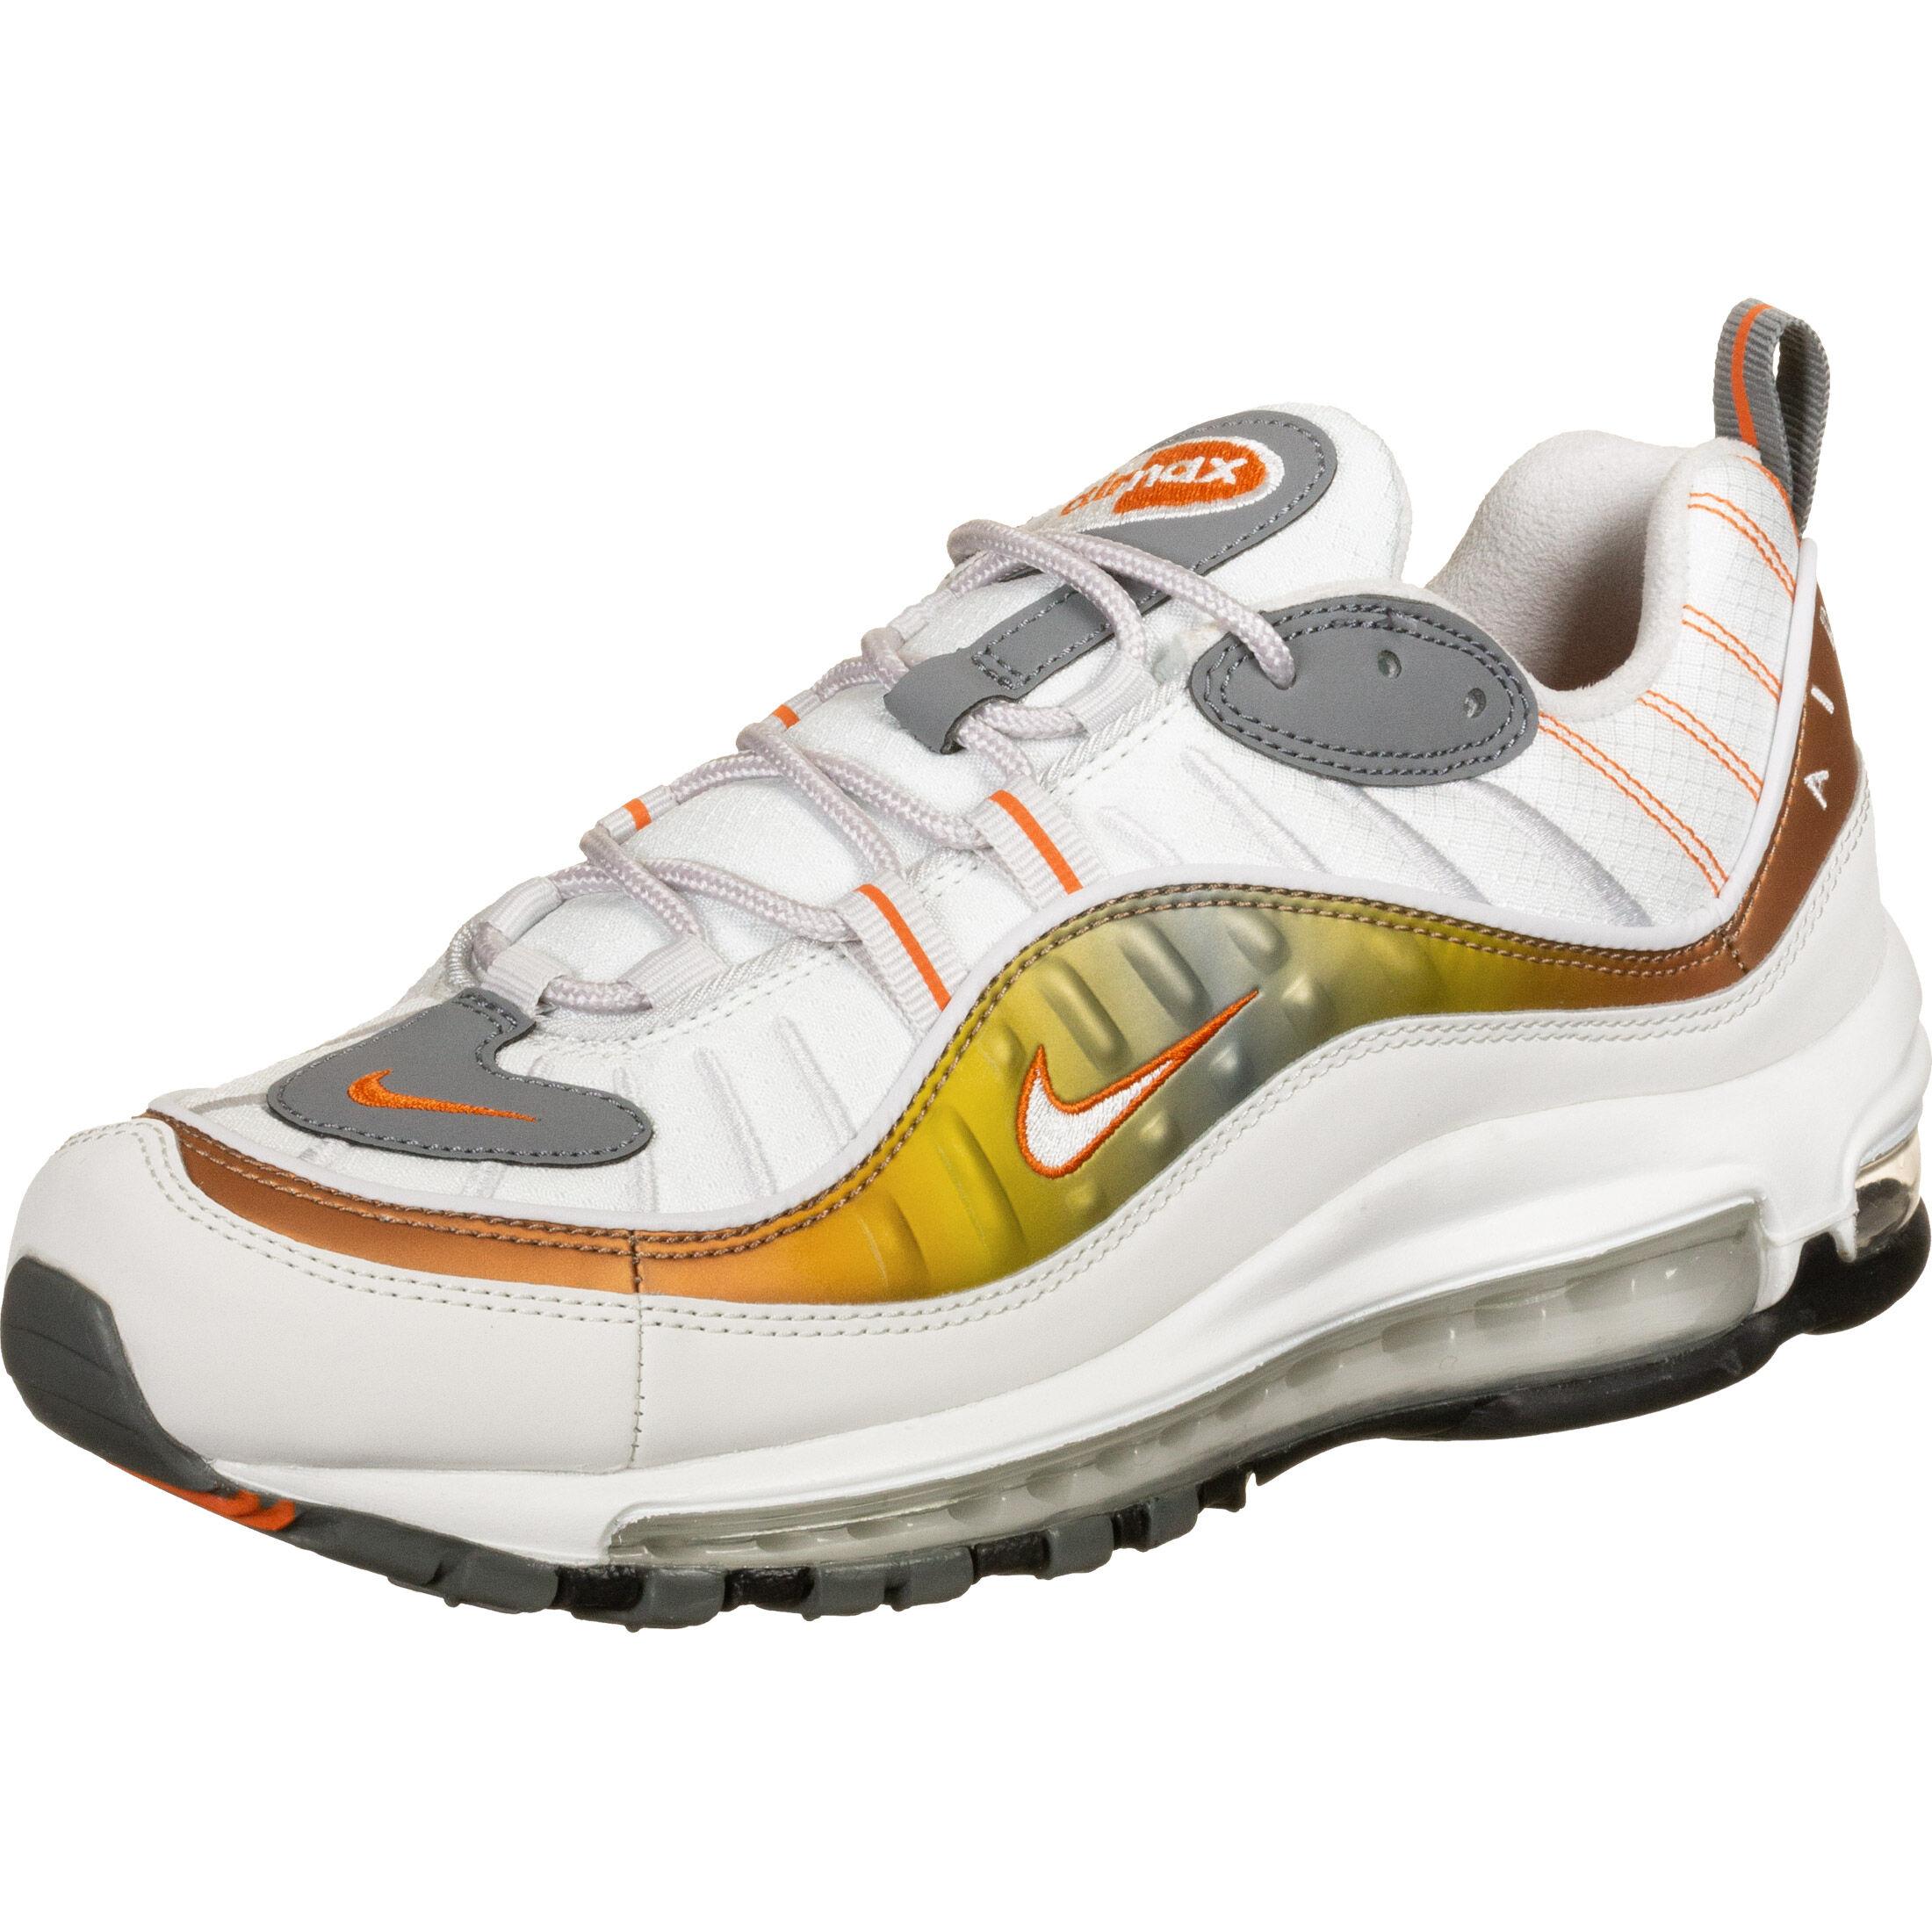 Nike Air Max 98 SE - Sneakers Low at